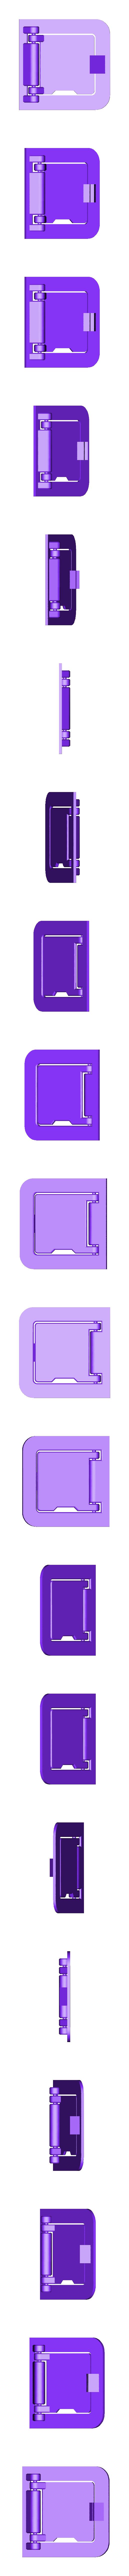 hinge-tester.stl Télécharger fichier STL gratuit HalloWing Mac M0 • Modèle à imprimer en 3D, Adafruit